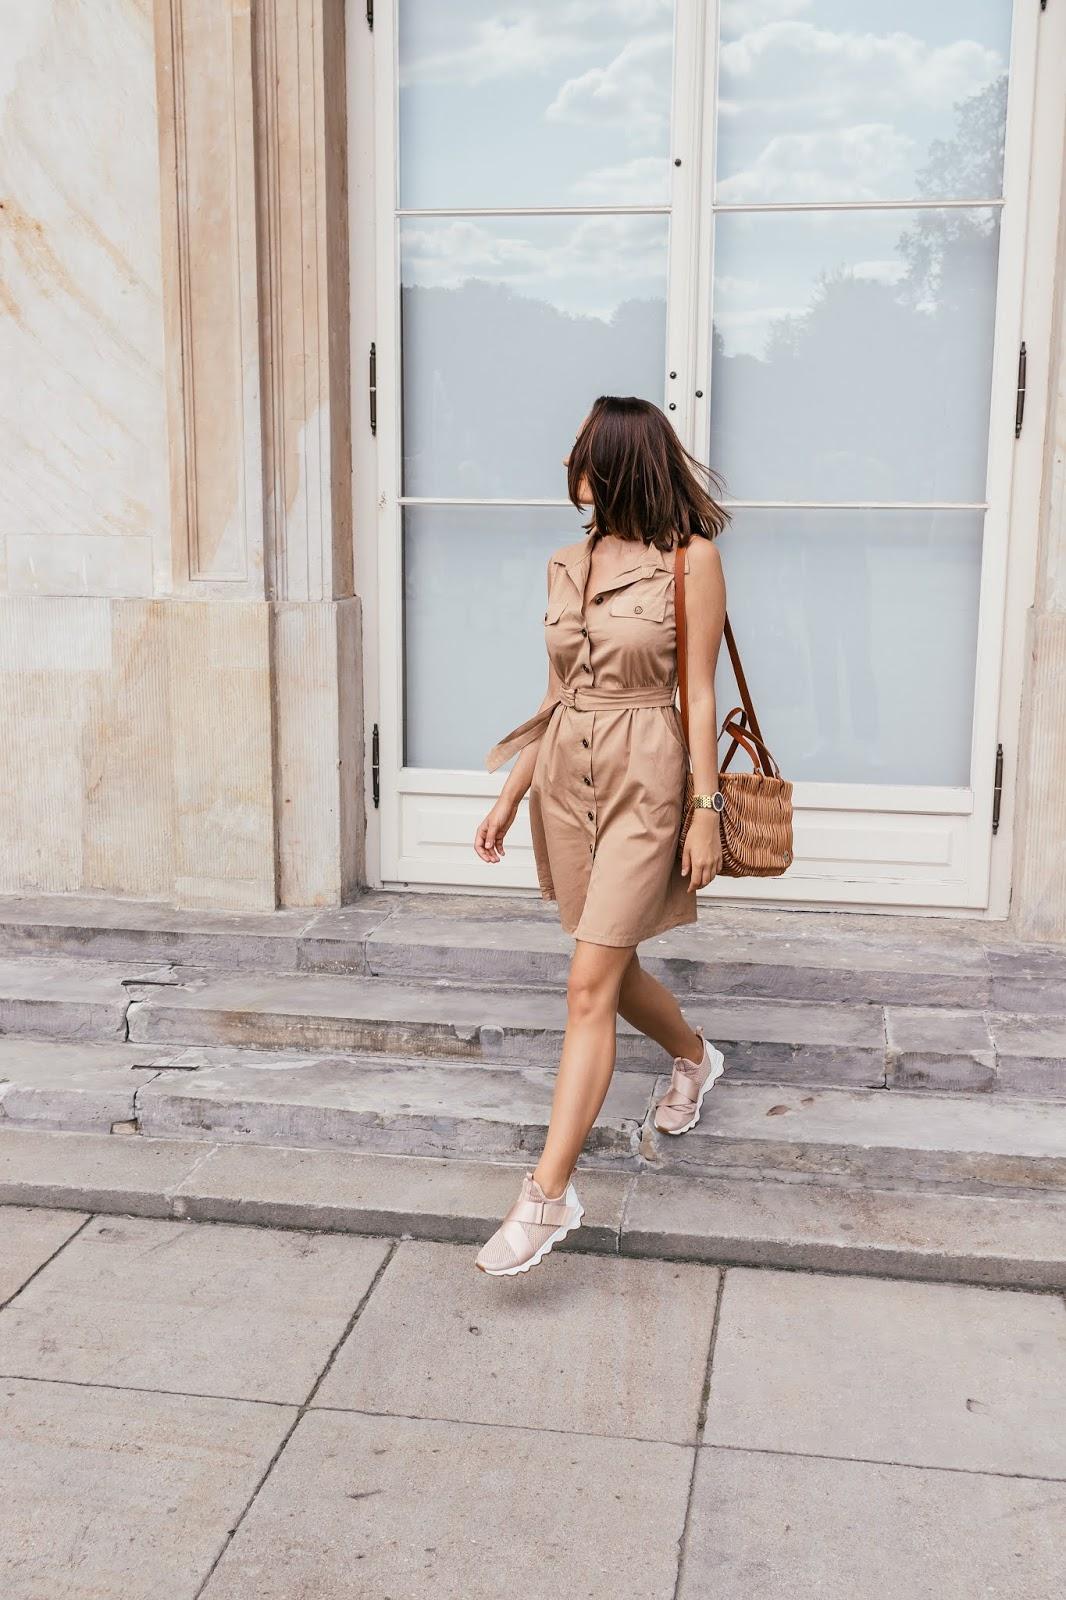 sukienka, lato, stylizacja, moda, buty, włosy